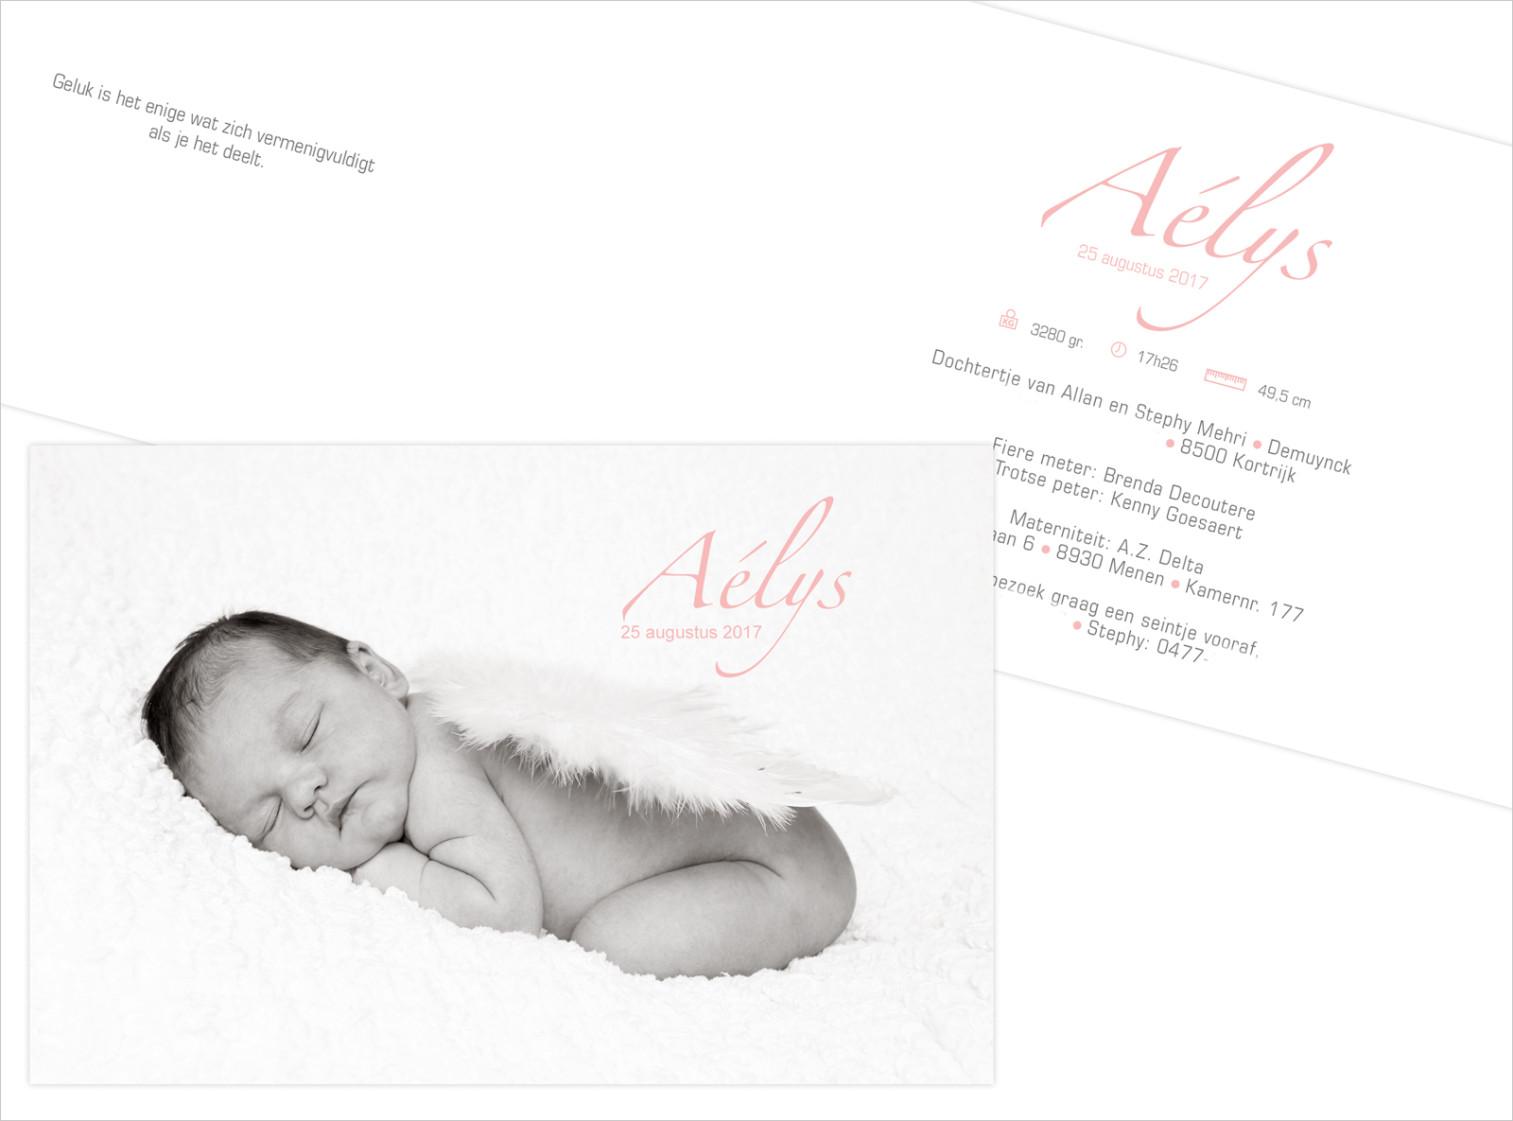 Geboortekaartje met foto van Aélys